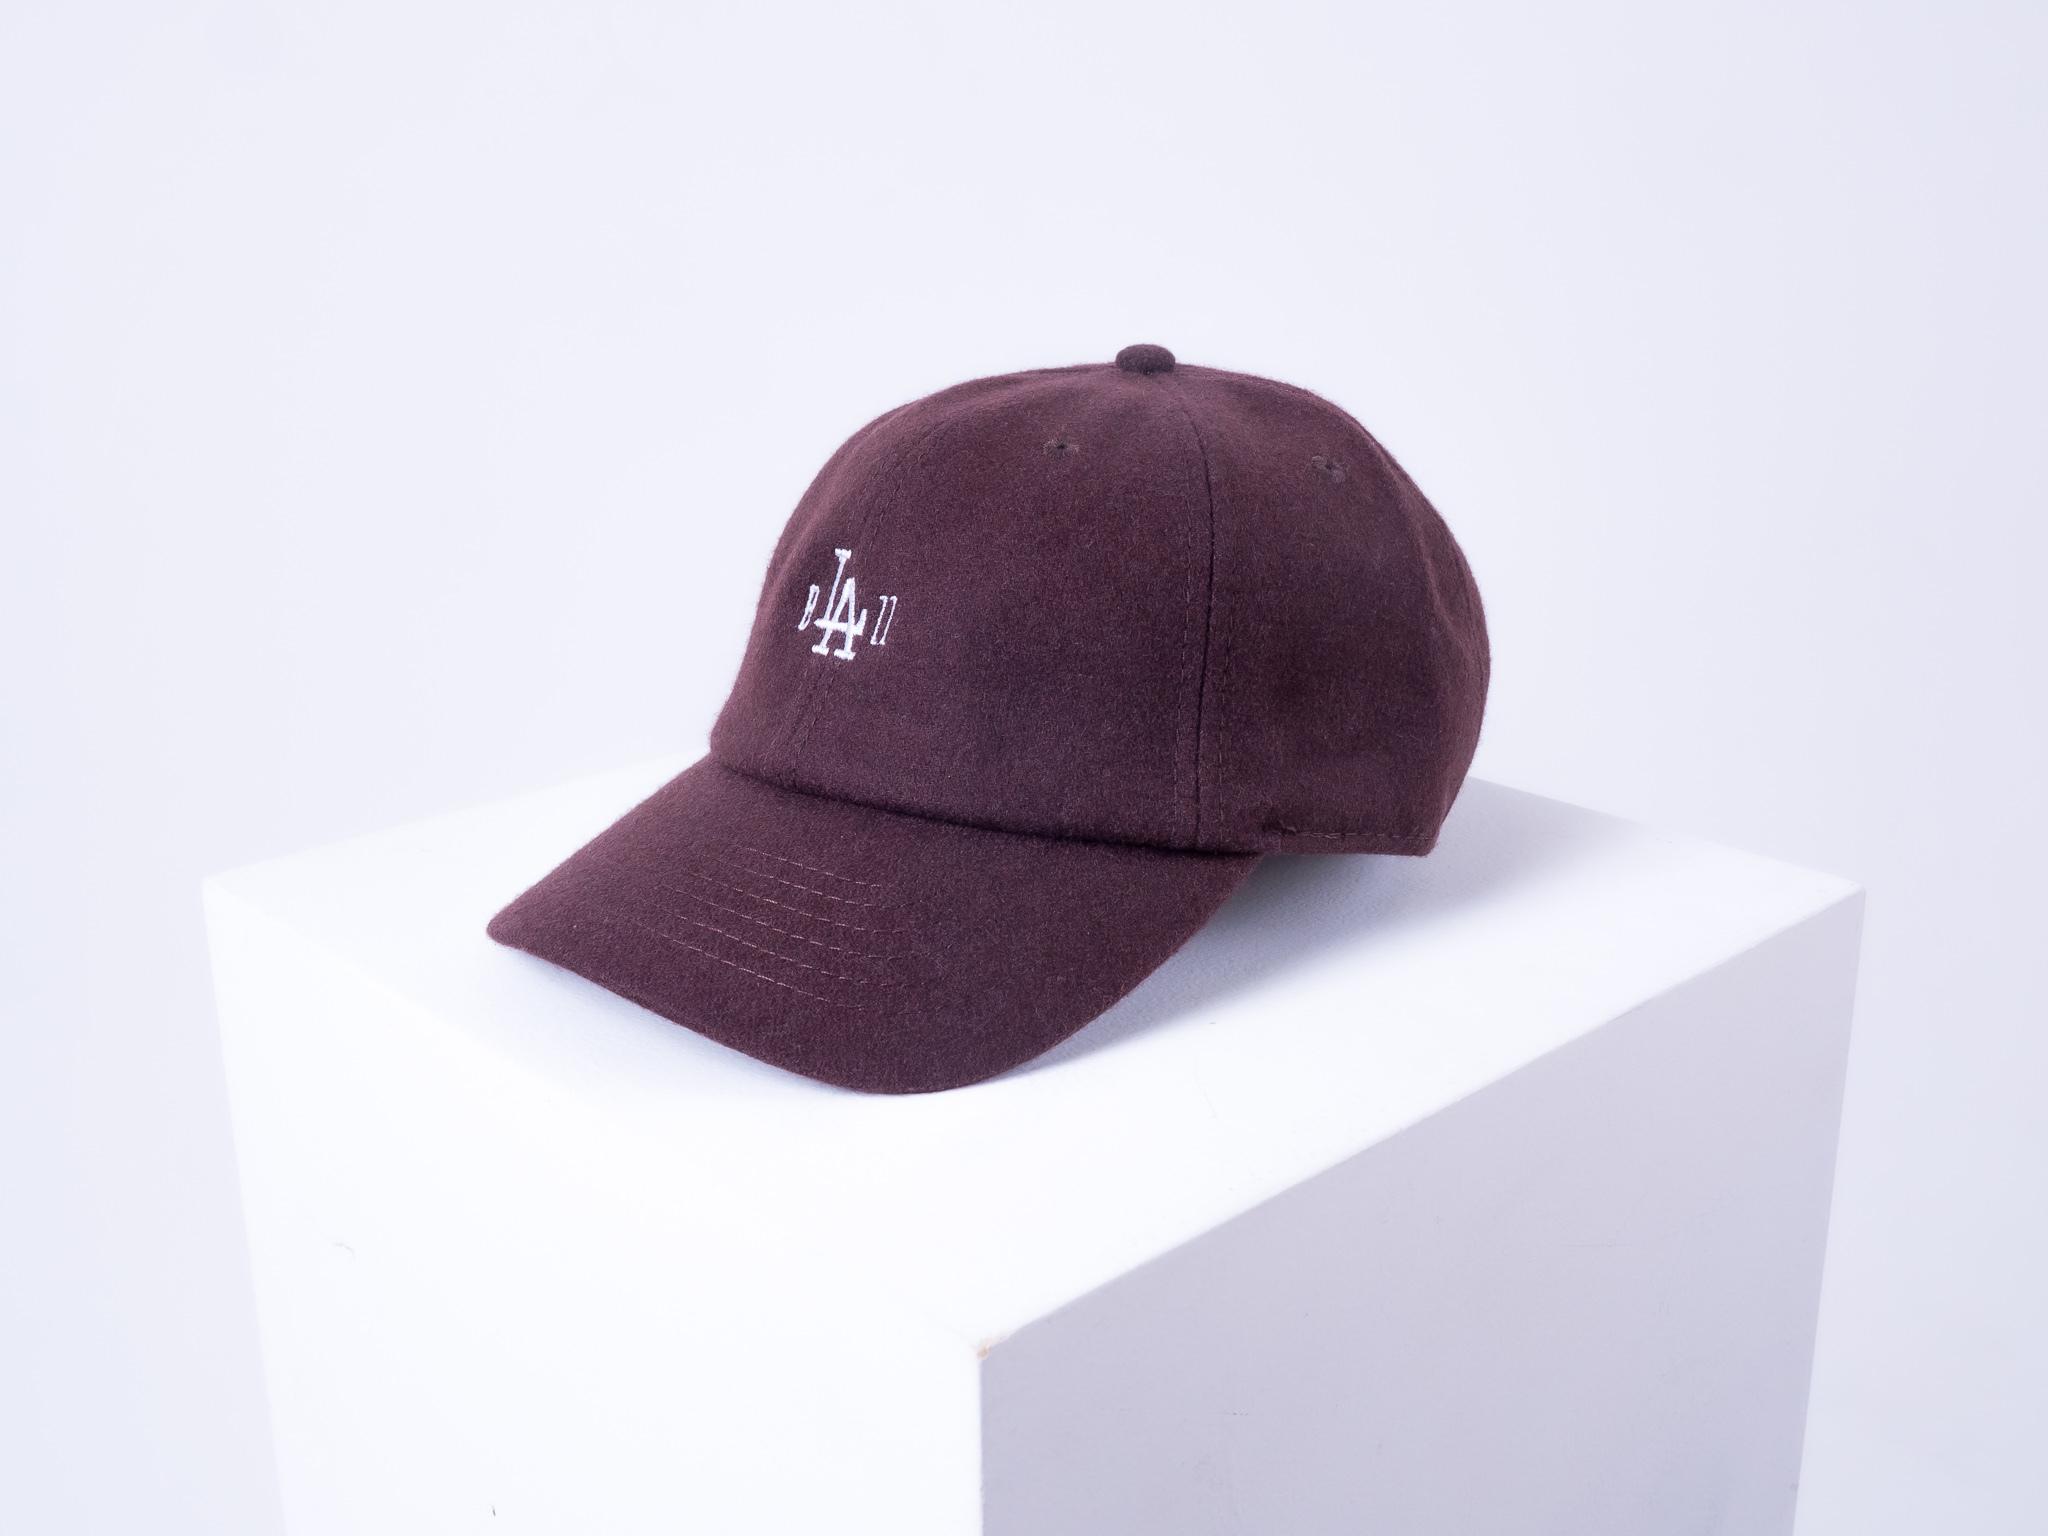 b'LA'zz Wool Rich Cap [BROWN]